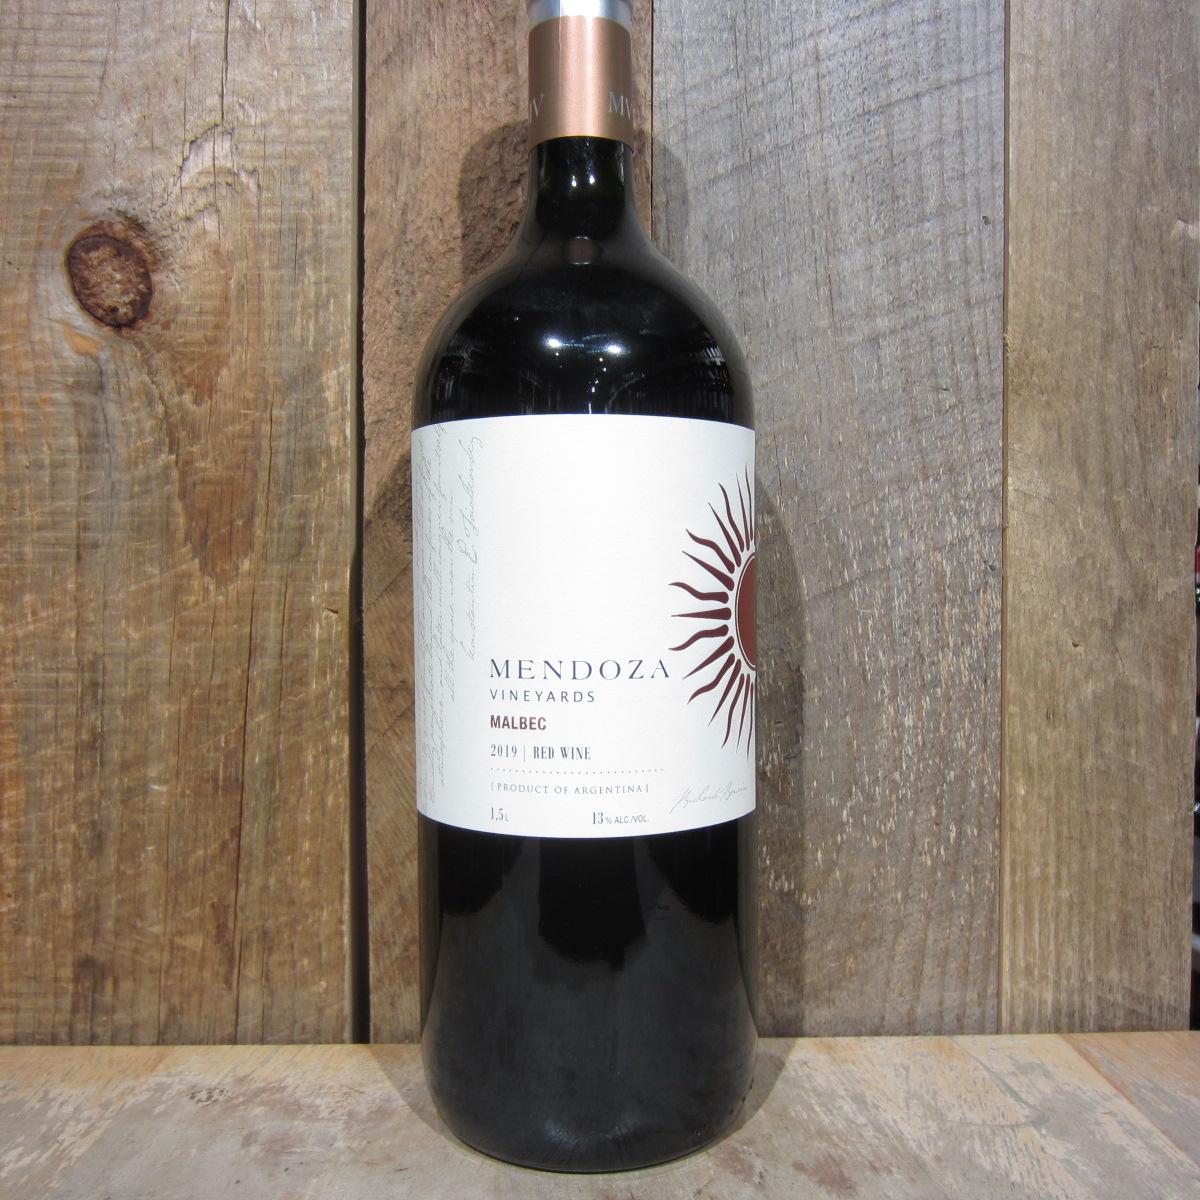 Mendoza Vineyards Malbec 1.5L